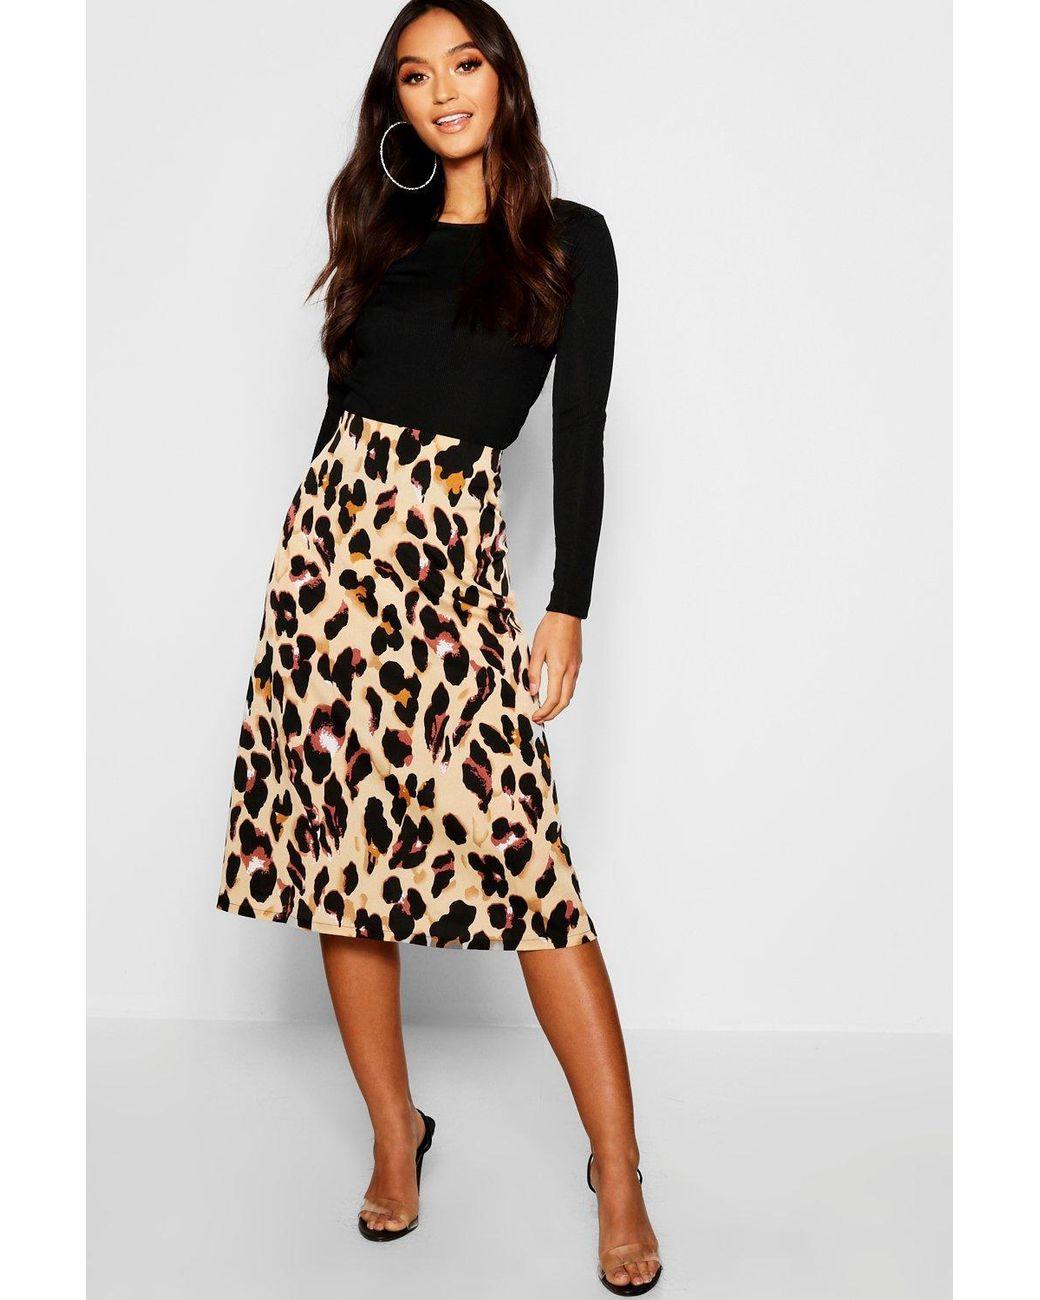 3881e1f52728f Boohoo Petite Leopard Print Bias Cut Midi Skirt in Black - Lyst